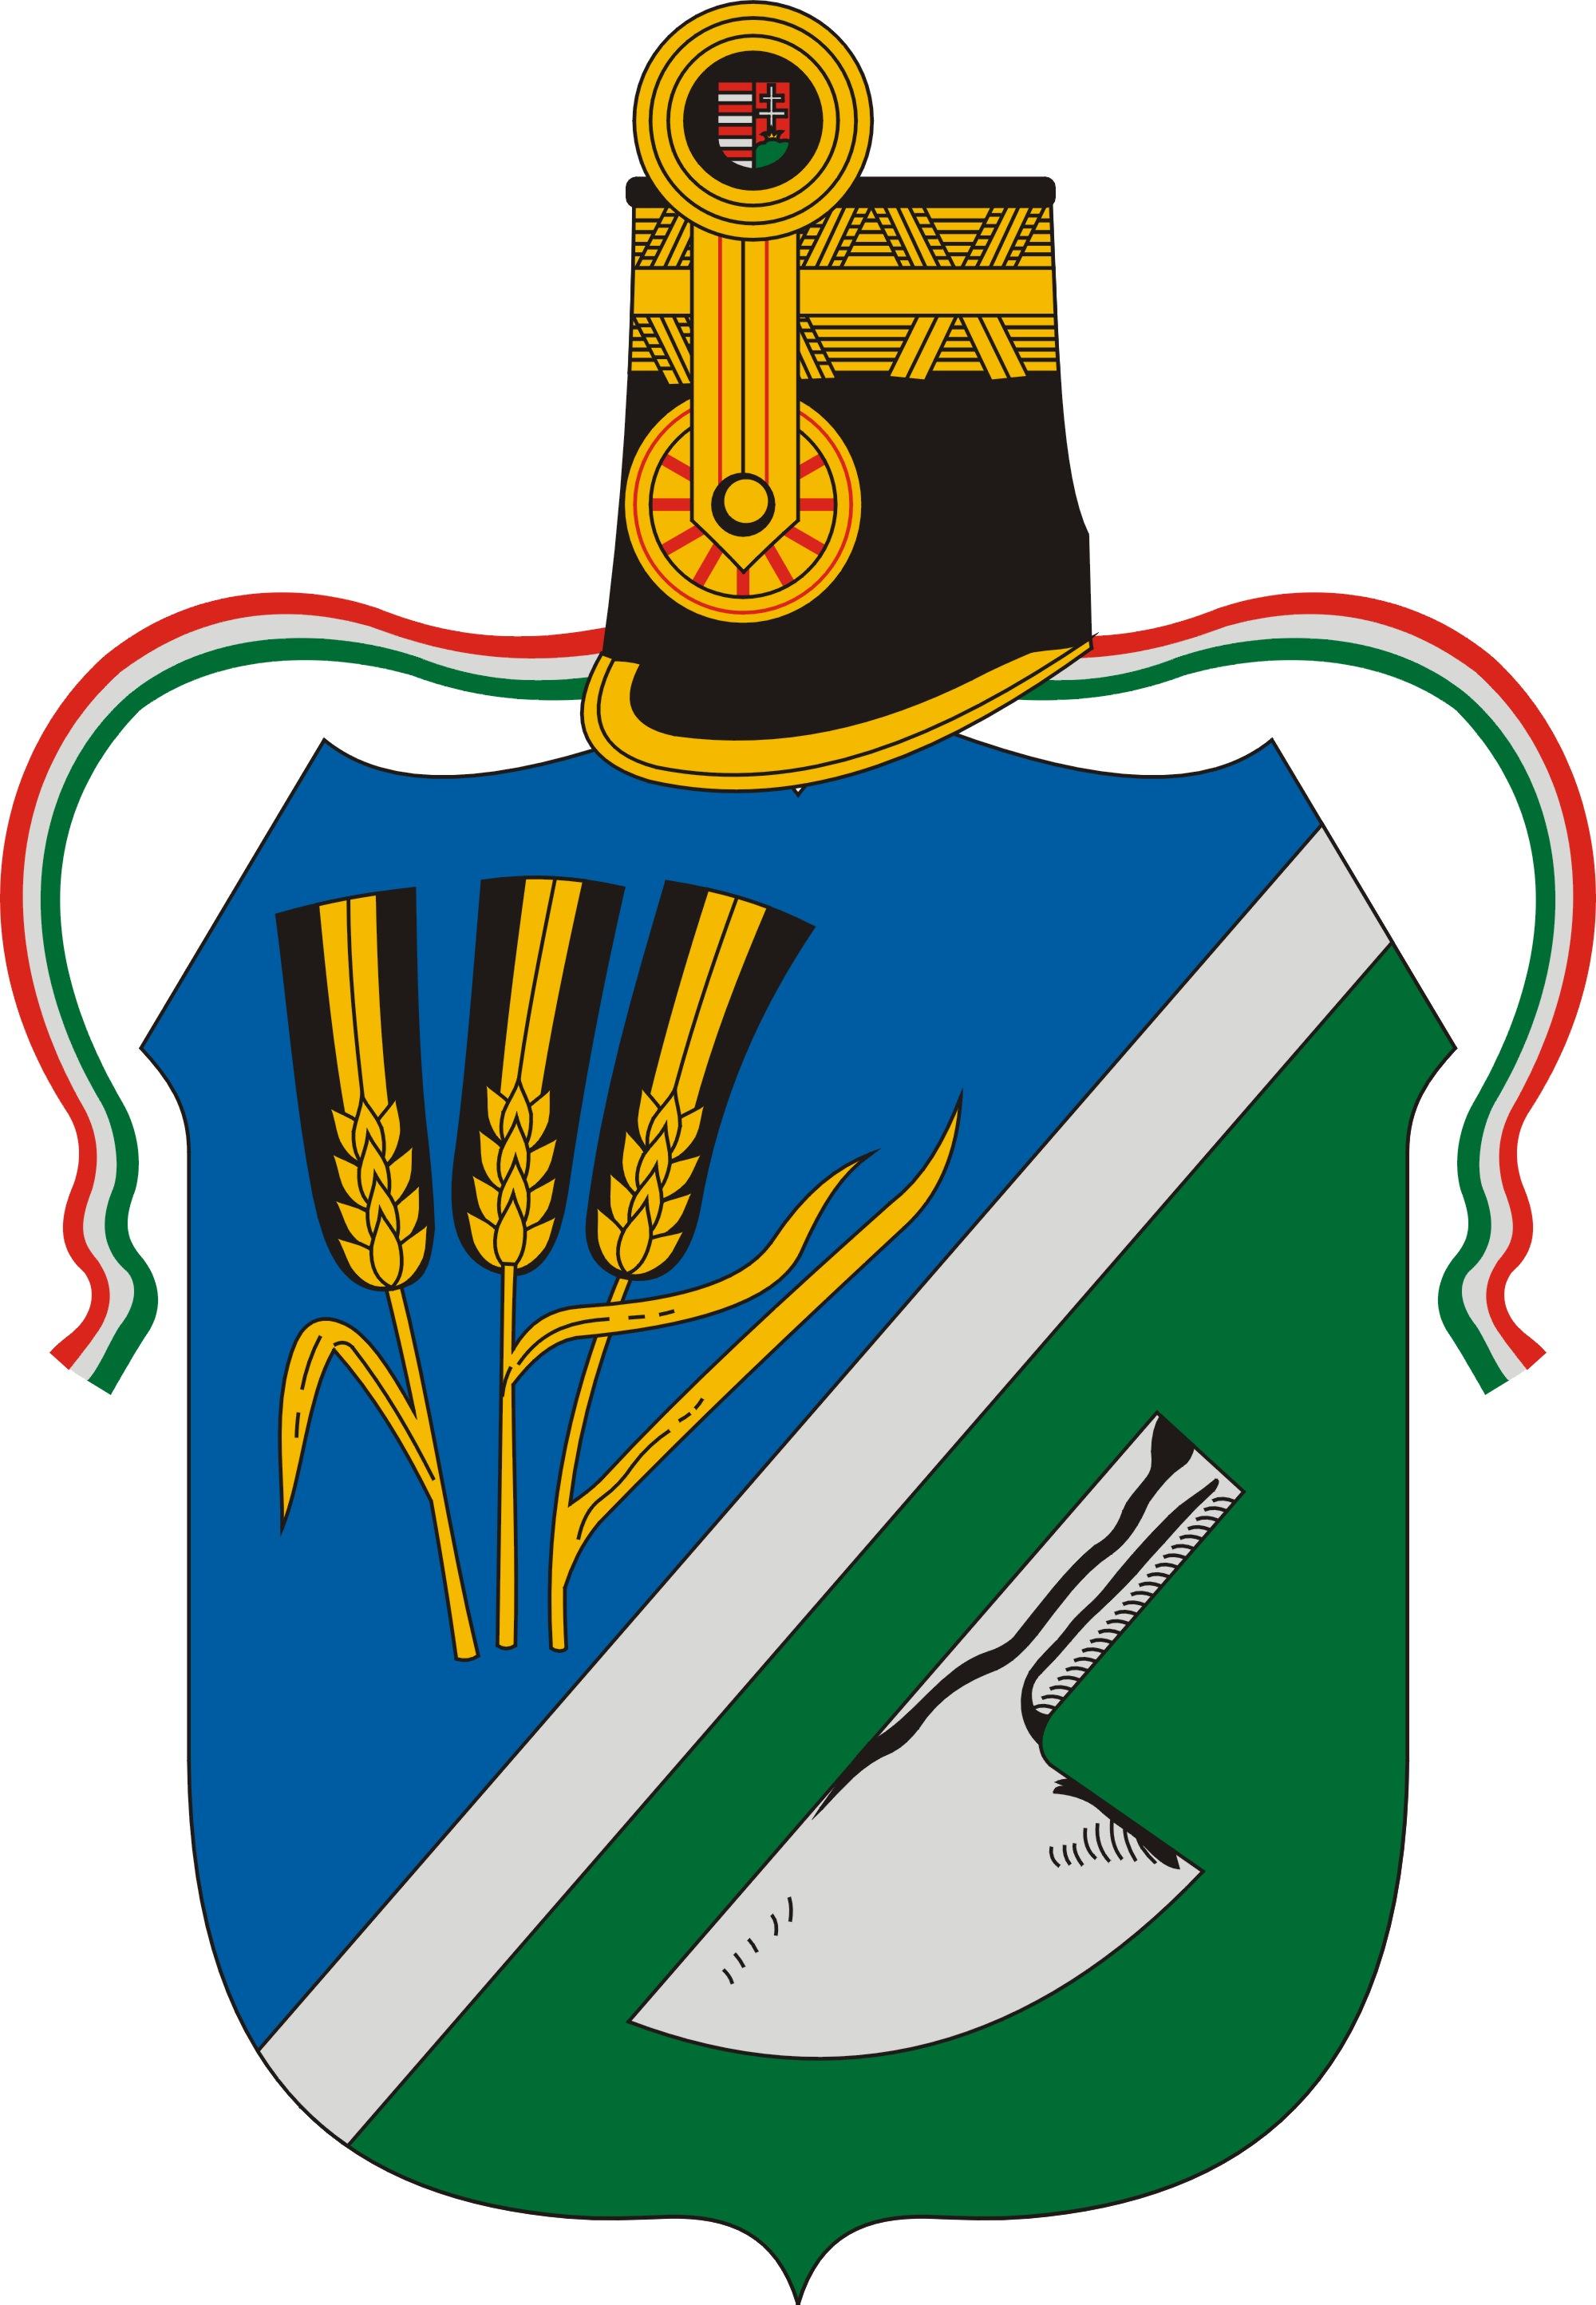 Kápolna (település).